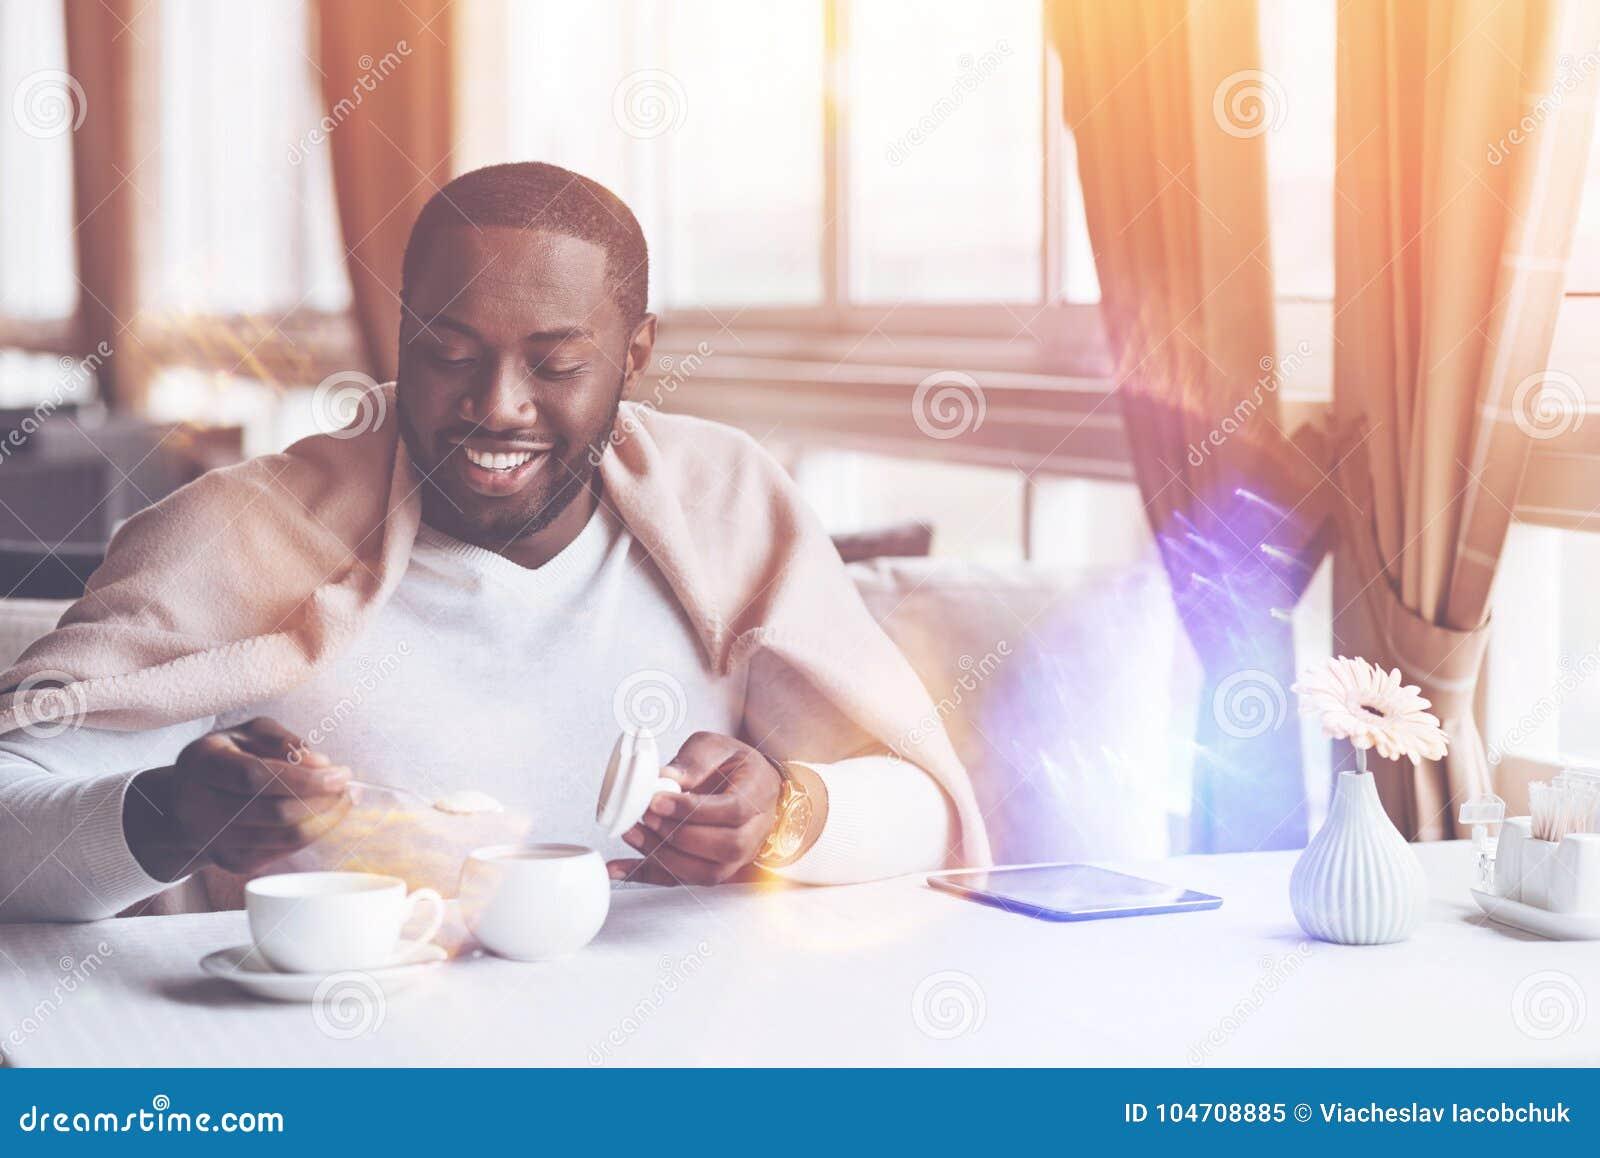 Uśmiechnięty mężczyzna kładzenia cukier w herbatę